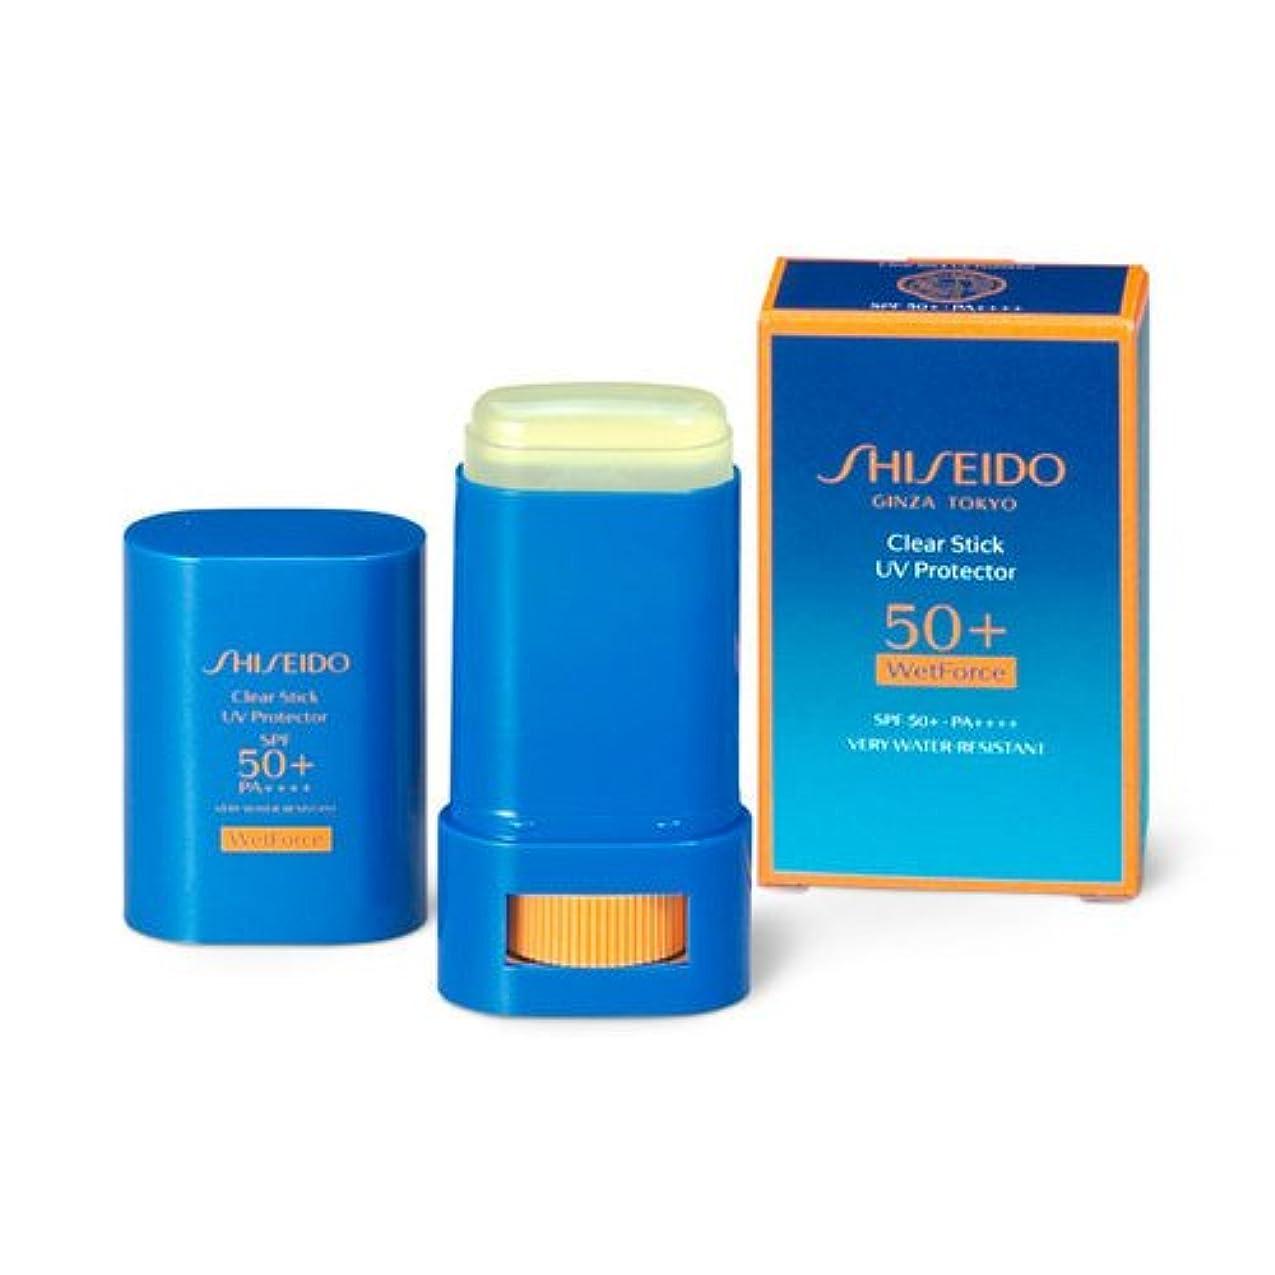 他に余韻トンSHISEIDO Suncare(資生堂 サンケア) SHISEIDO(資生堂) クリアスティック UVプロテクター 15g